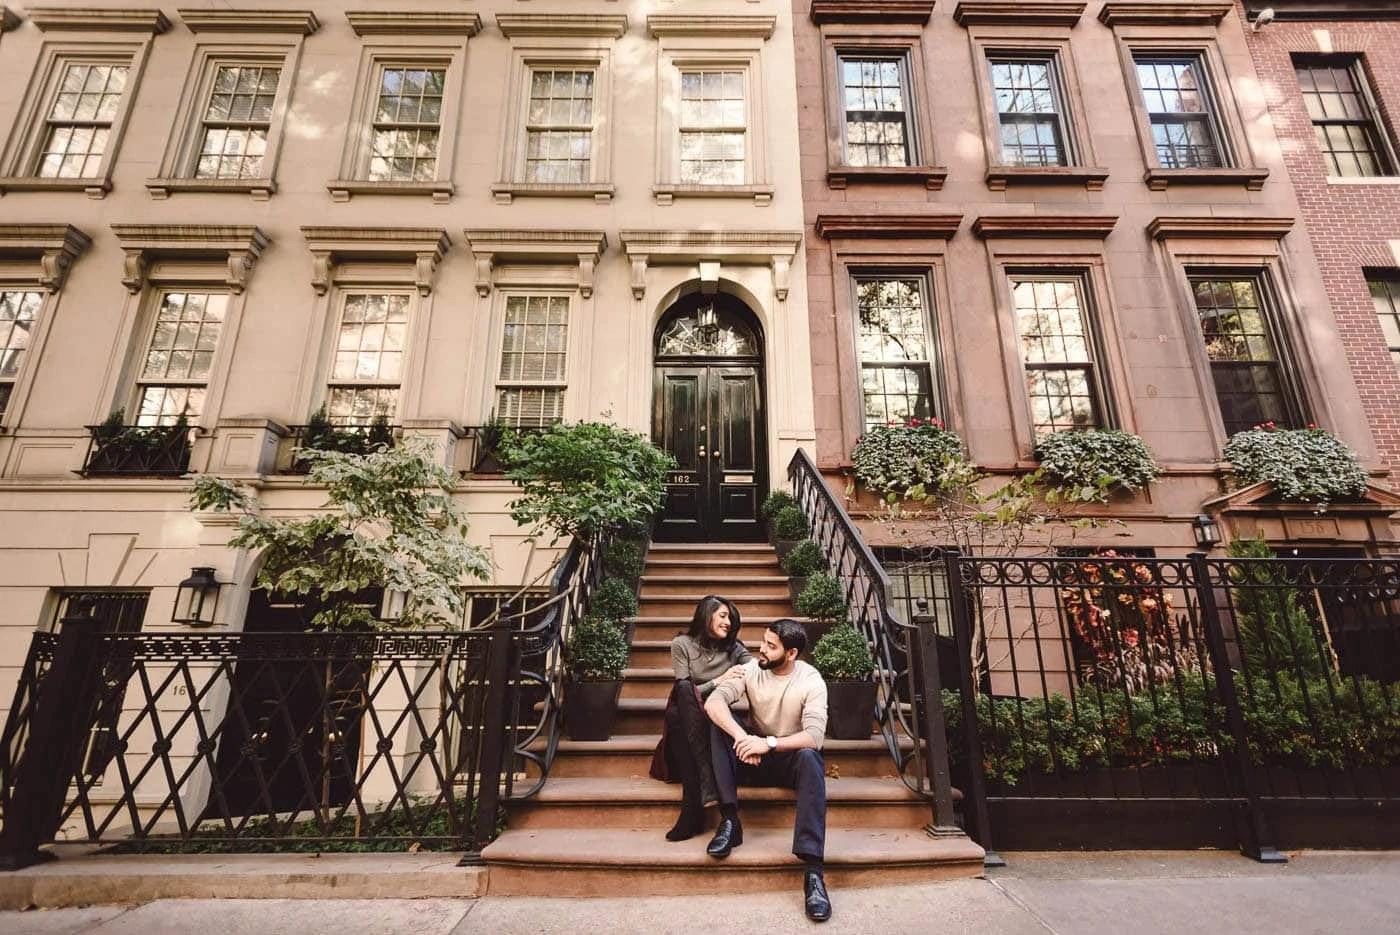 Upper East Side Brownstone building engagement portrait